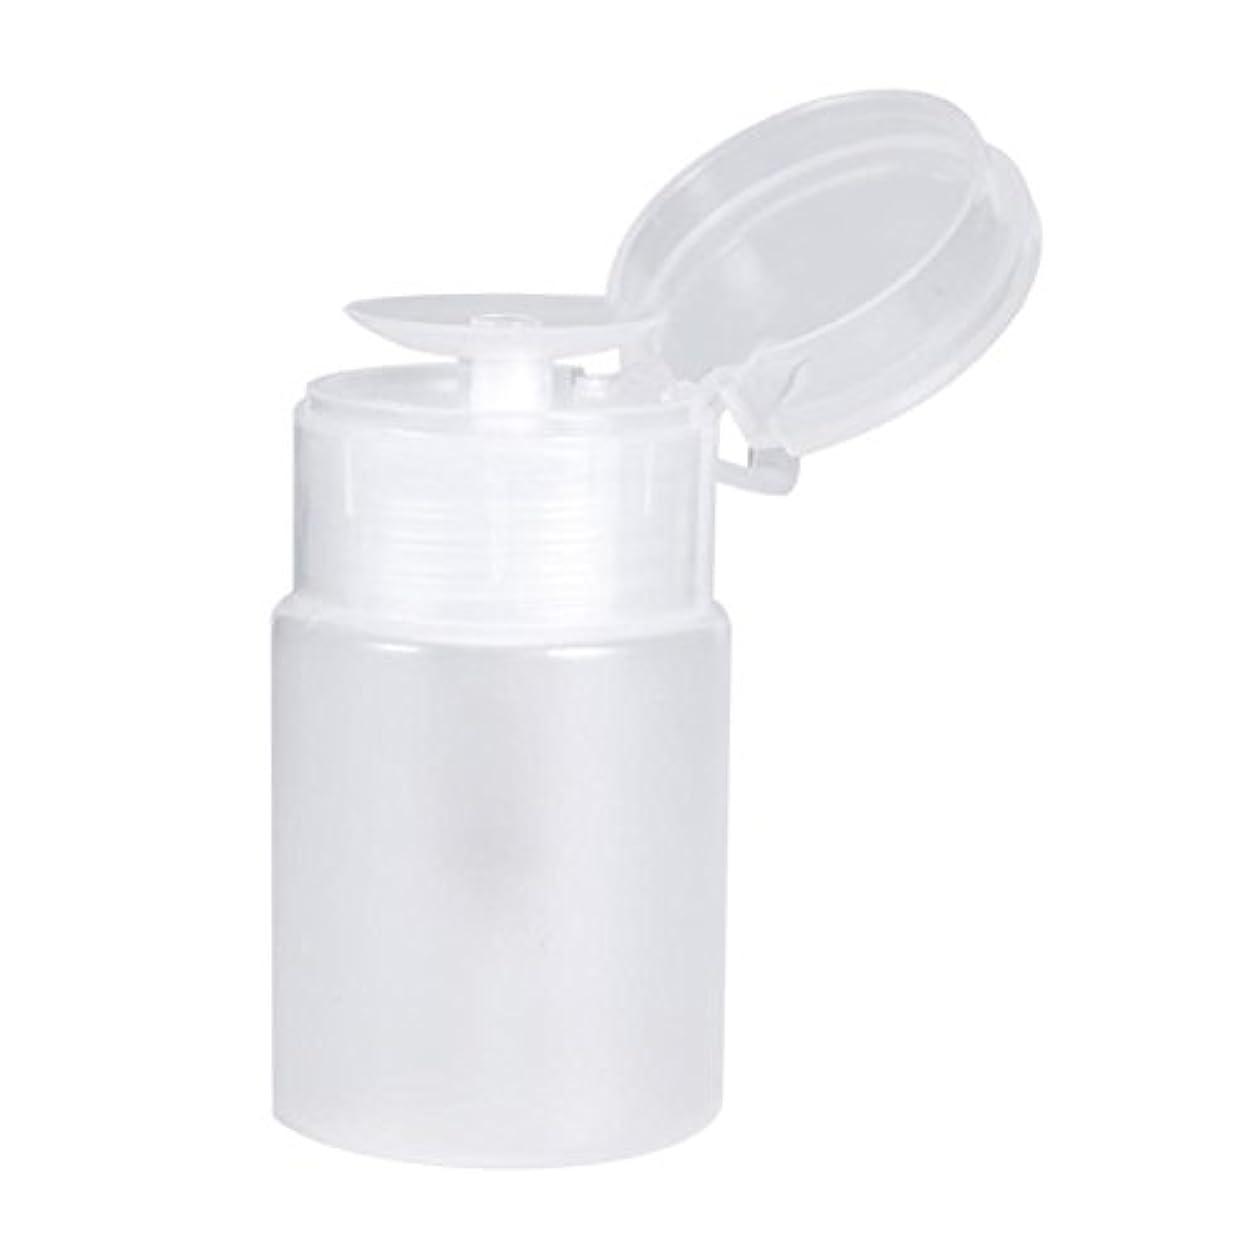 仕事に行く会社通訳ネイルディスペンサーボトル、プッシュダウンディスペンサーネイルポリッシュリムーバーポンプ空のボトルディスペンサー液体ボトル容器60ミリリットル(白)